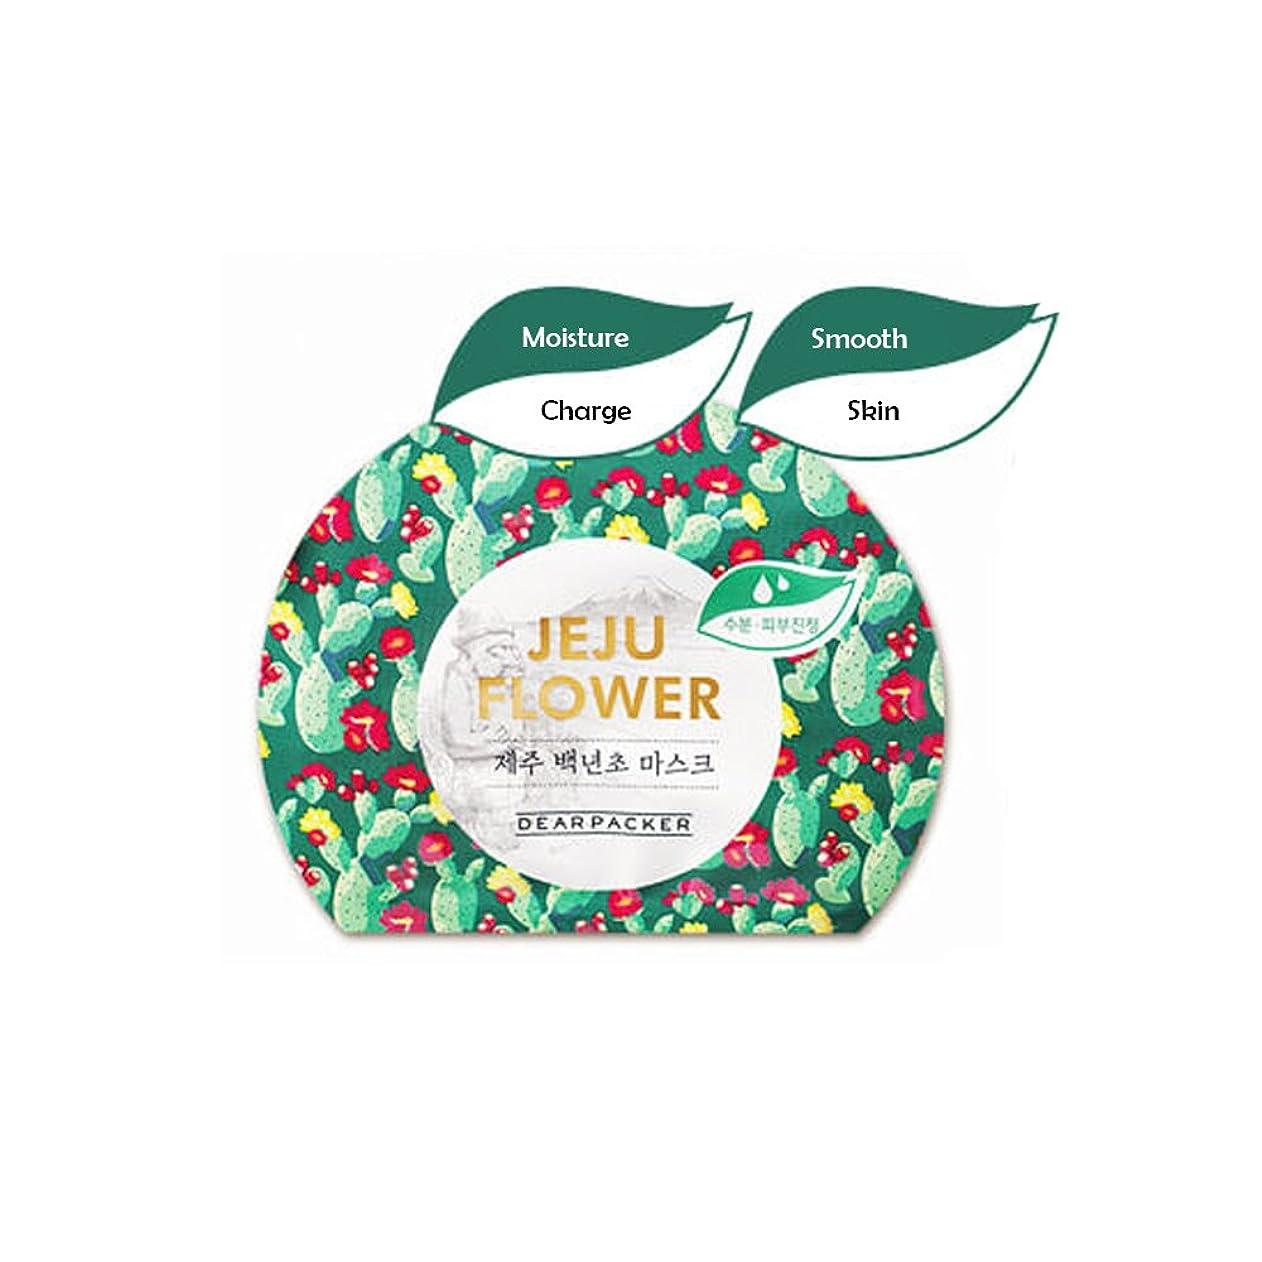 ベース産地におい済州花のマスクシート2018新 Jeju Flower Mask Sheet 2018 New (Baek Nyeon Flower, 3 Sheets)